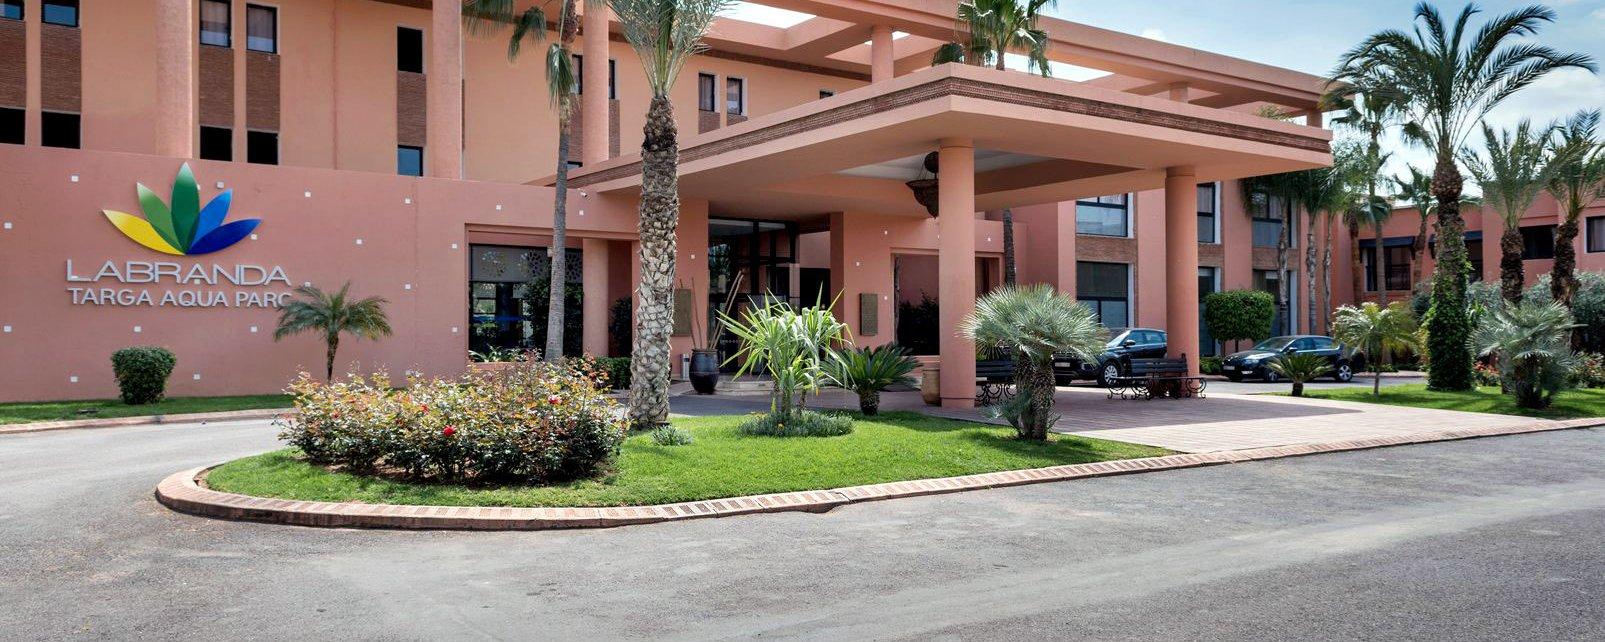 Maxi Club Labranda Targa Aqua Parc